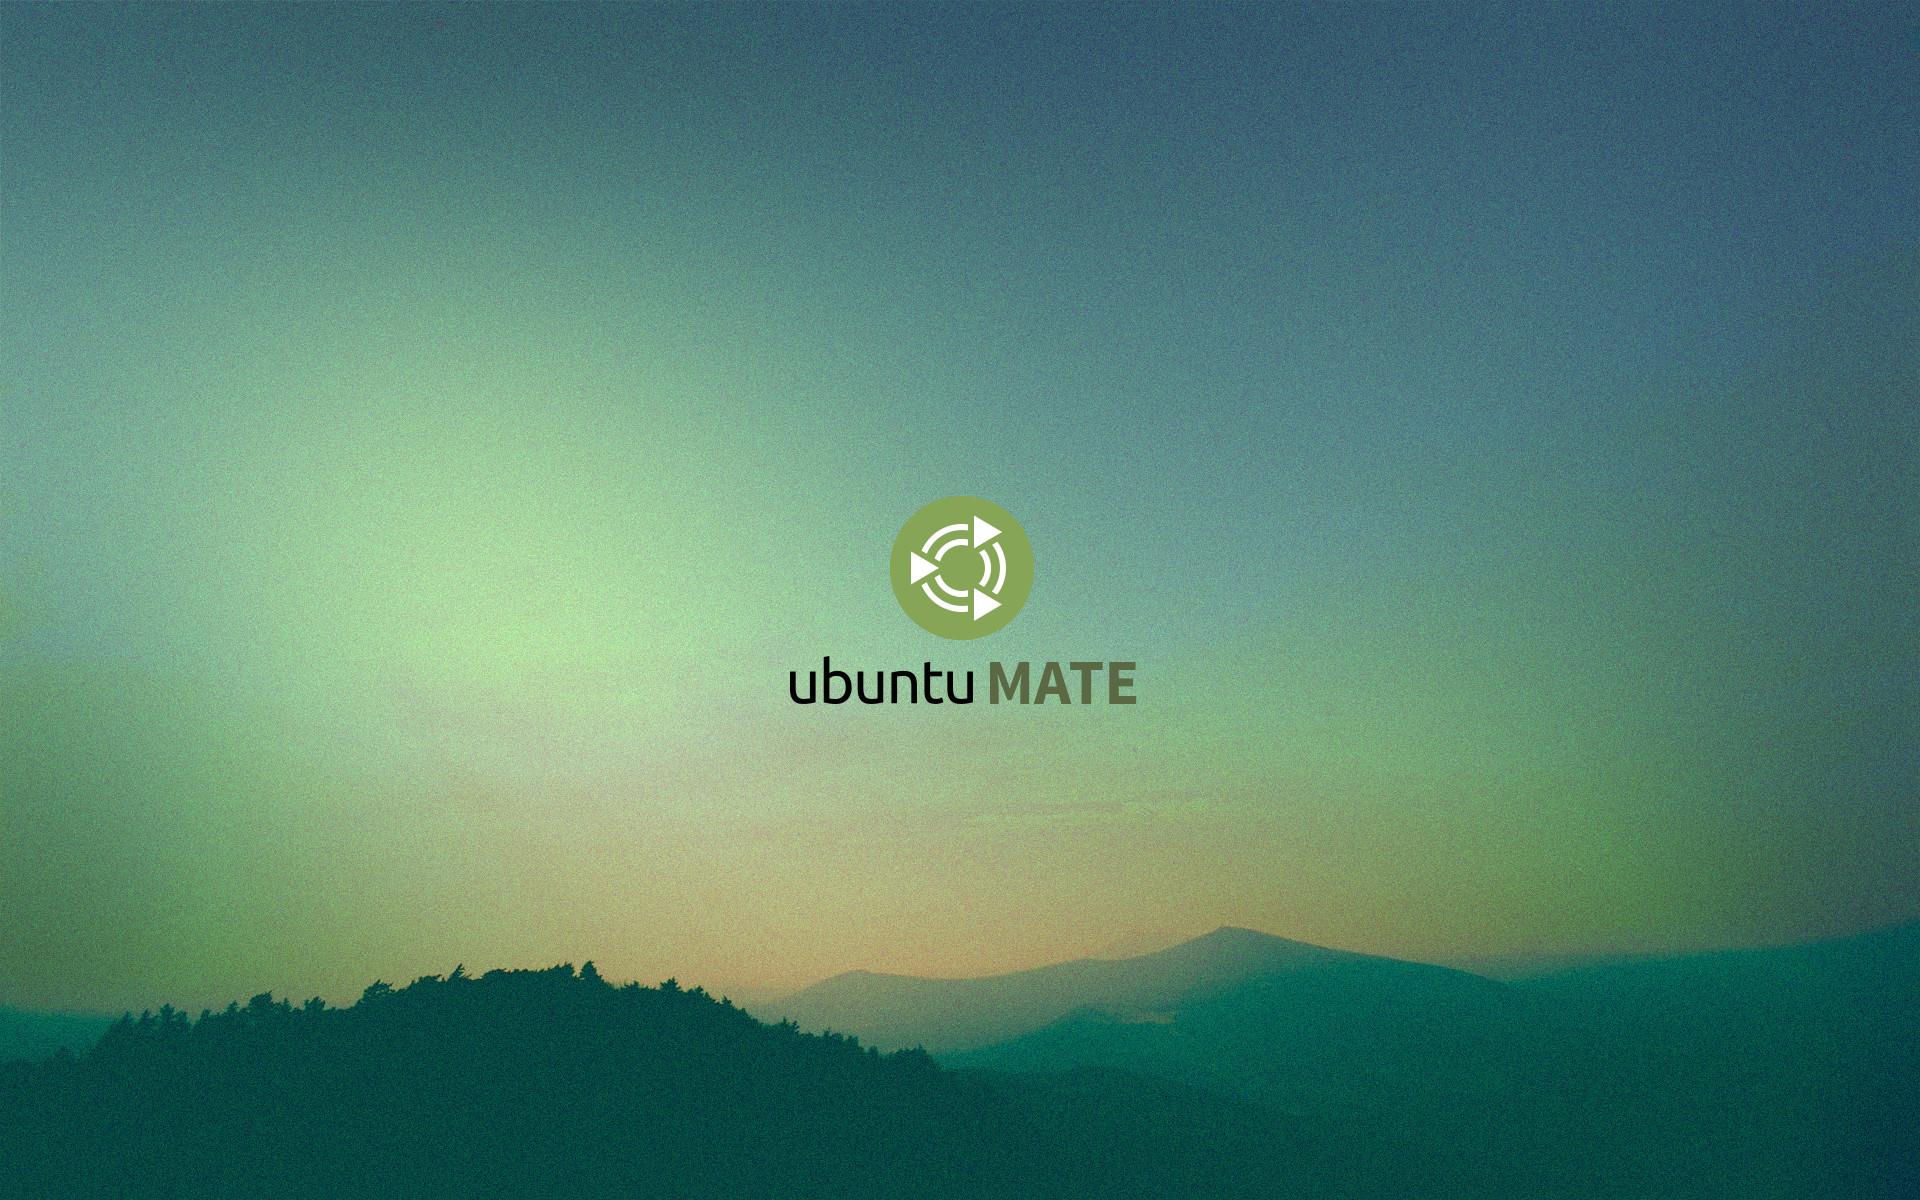 ubuntu wallpapers 16.04